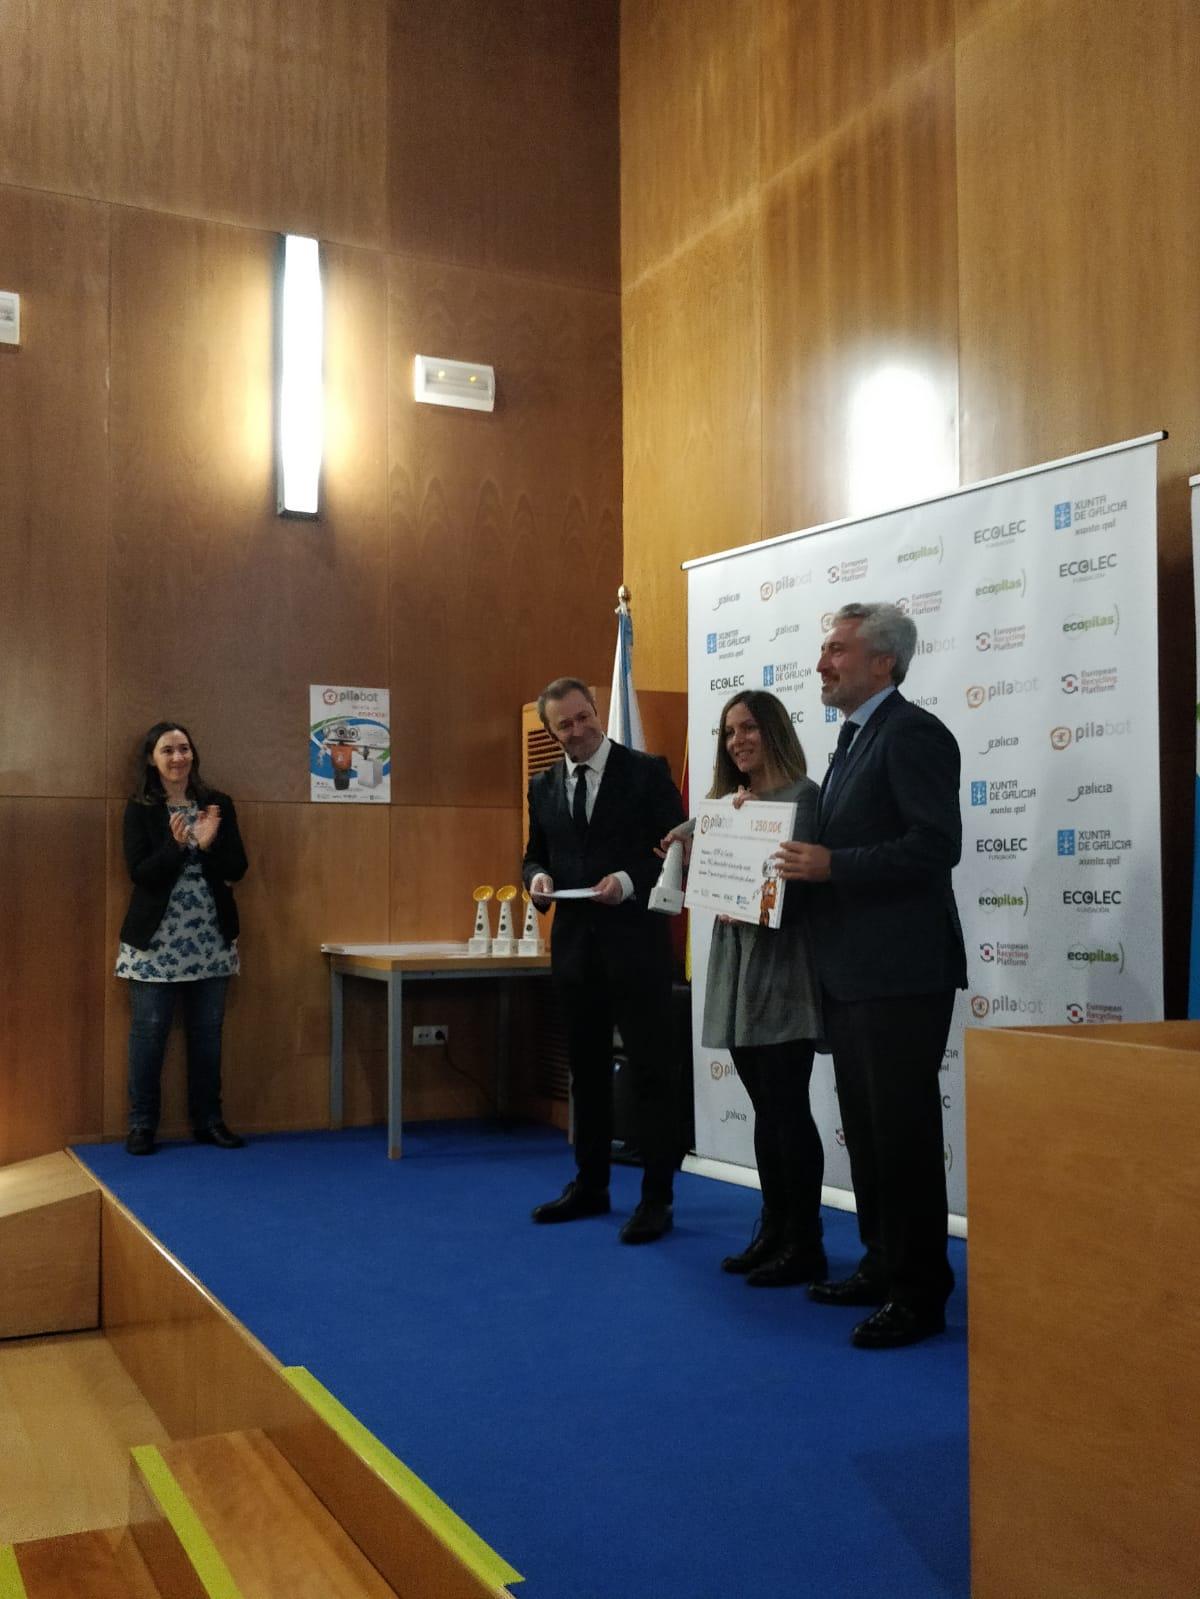 Concurso Pilabot en Galicia